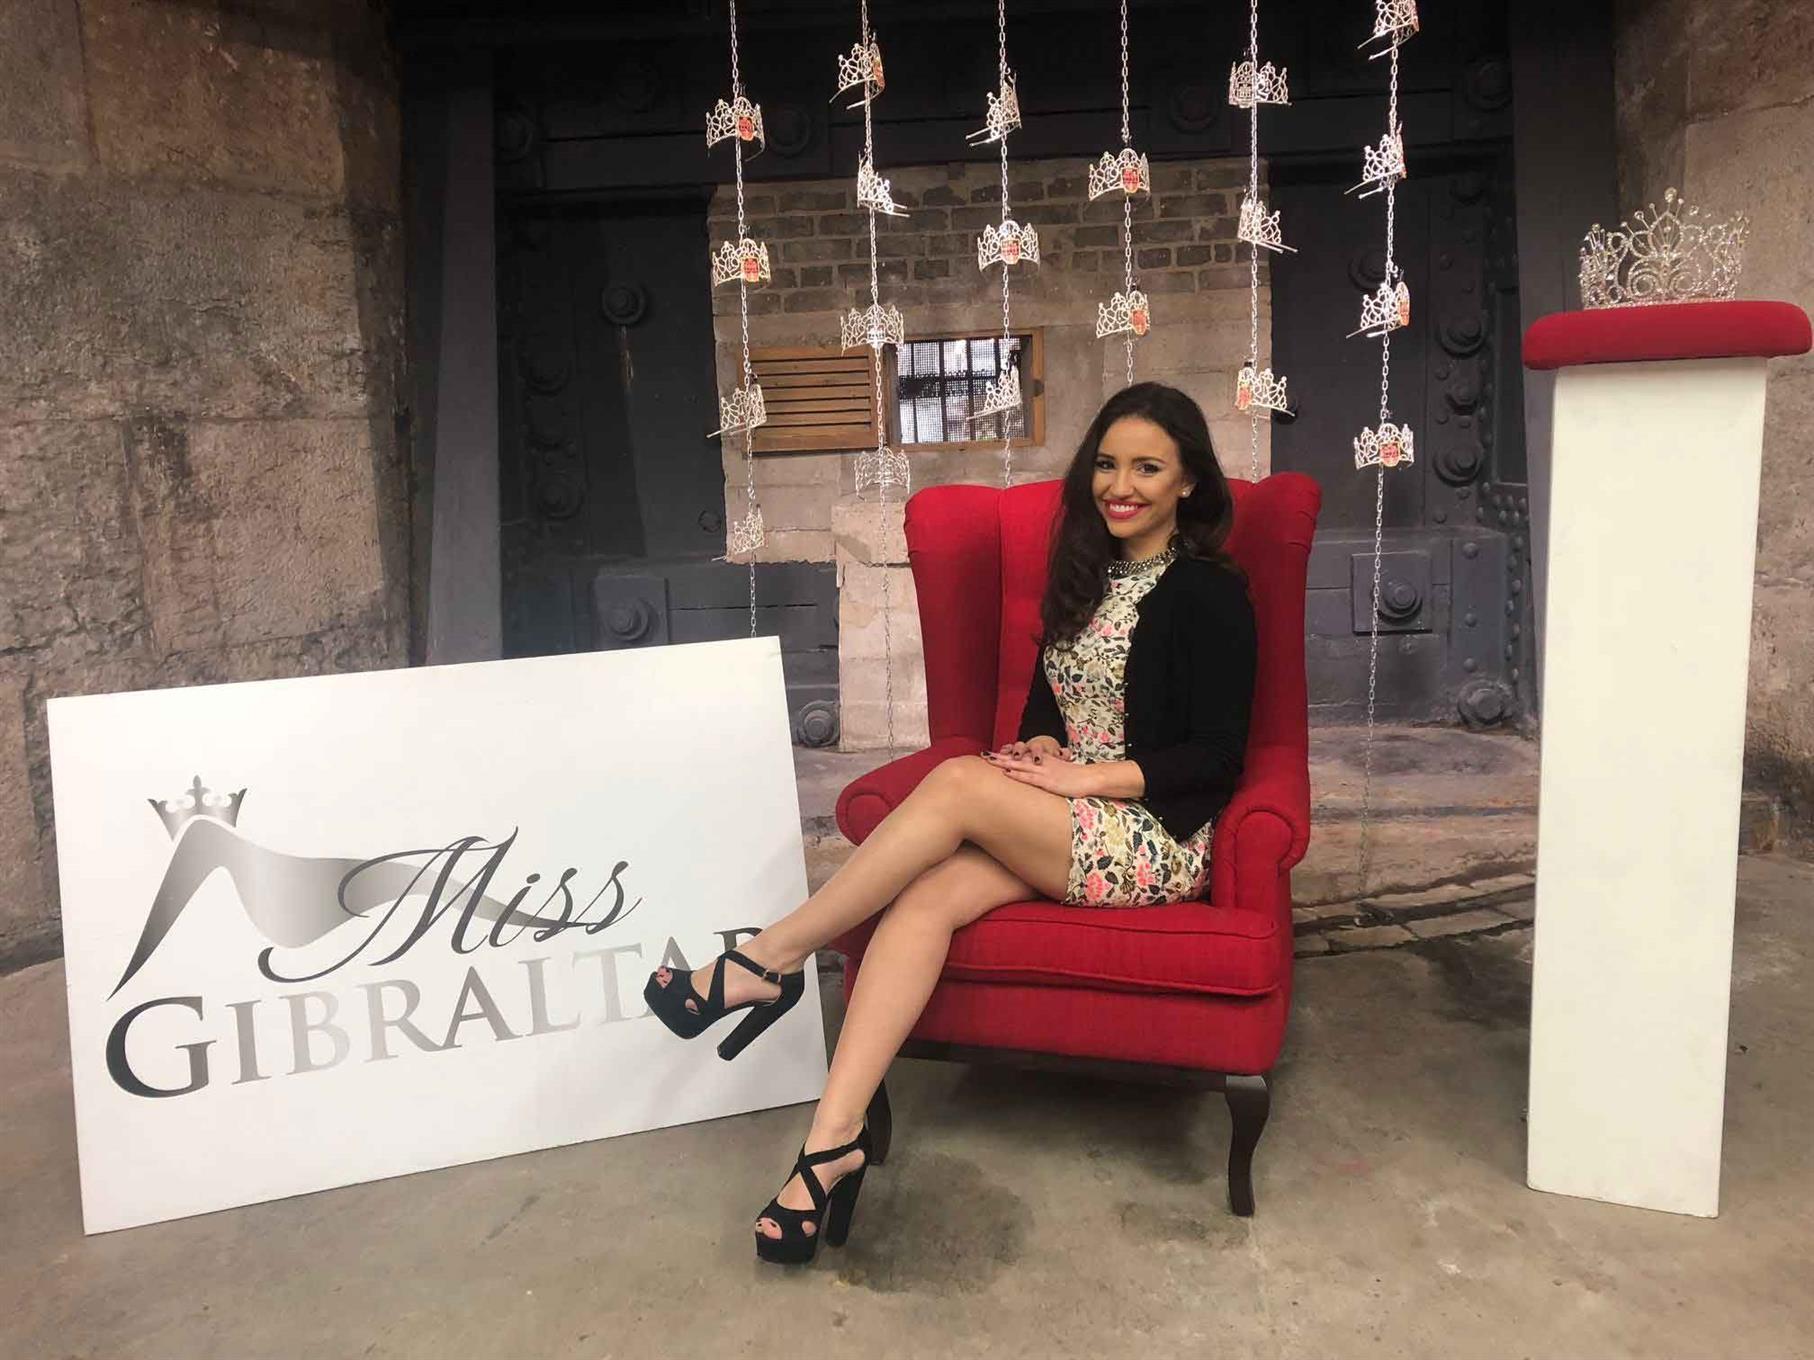 Miss Gibraltar 2018 finalist Star Farrugia